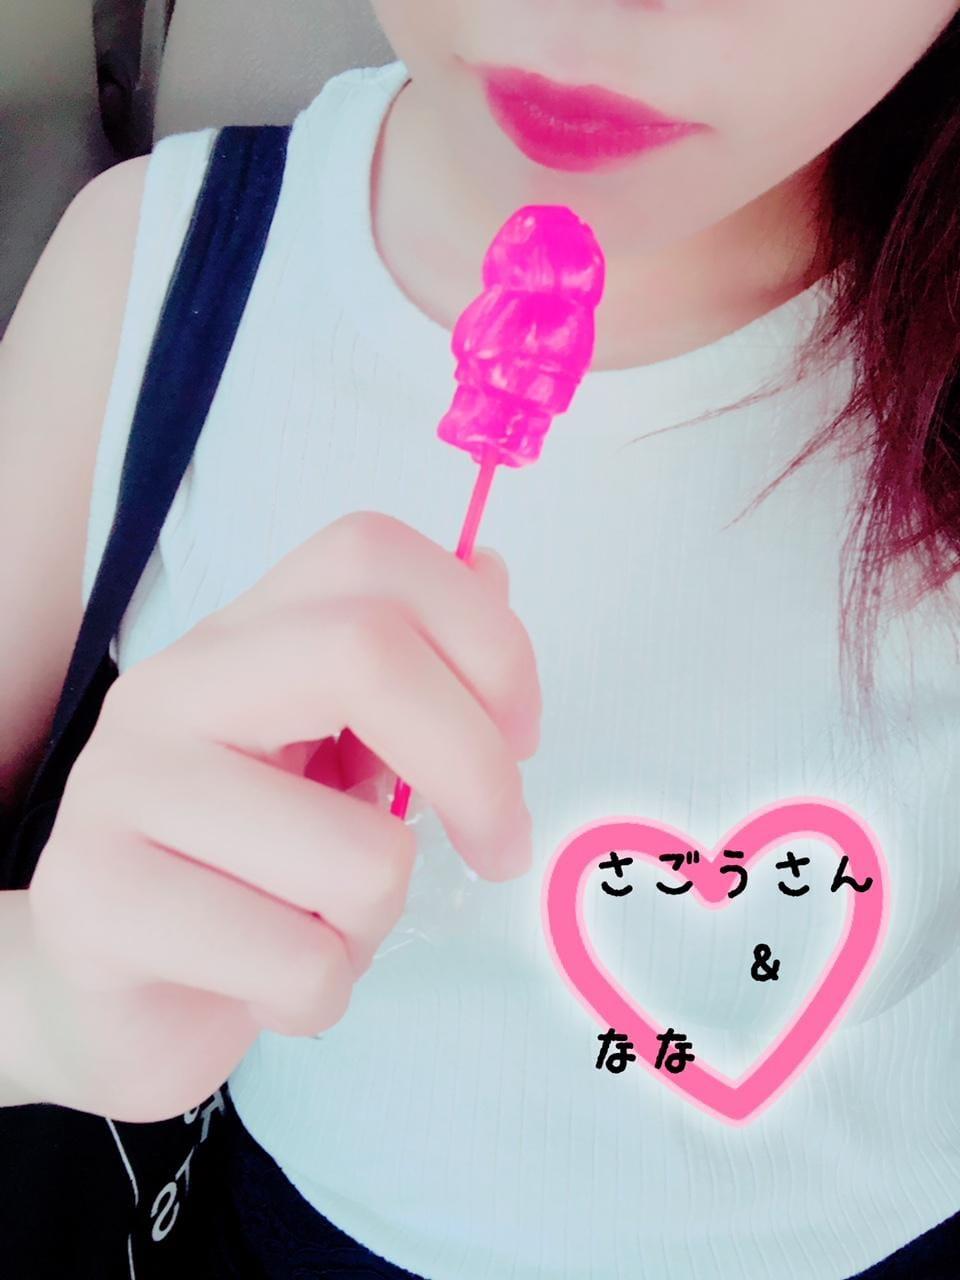 「お礼です!」09/10(09/10) 16:19 | スタイル抜群♪ななちゃんの写メ・風俗動画